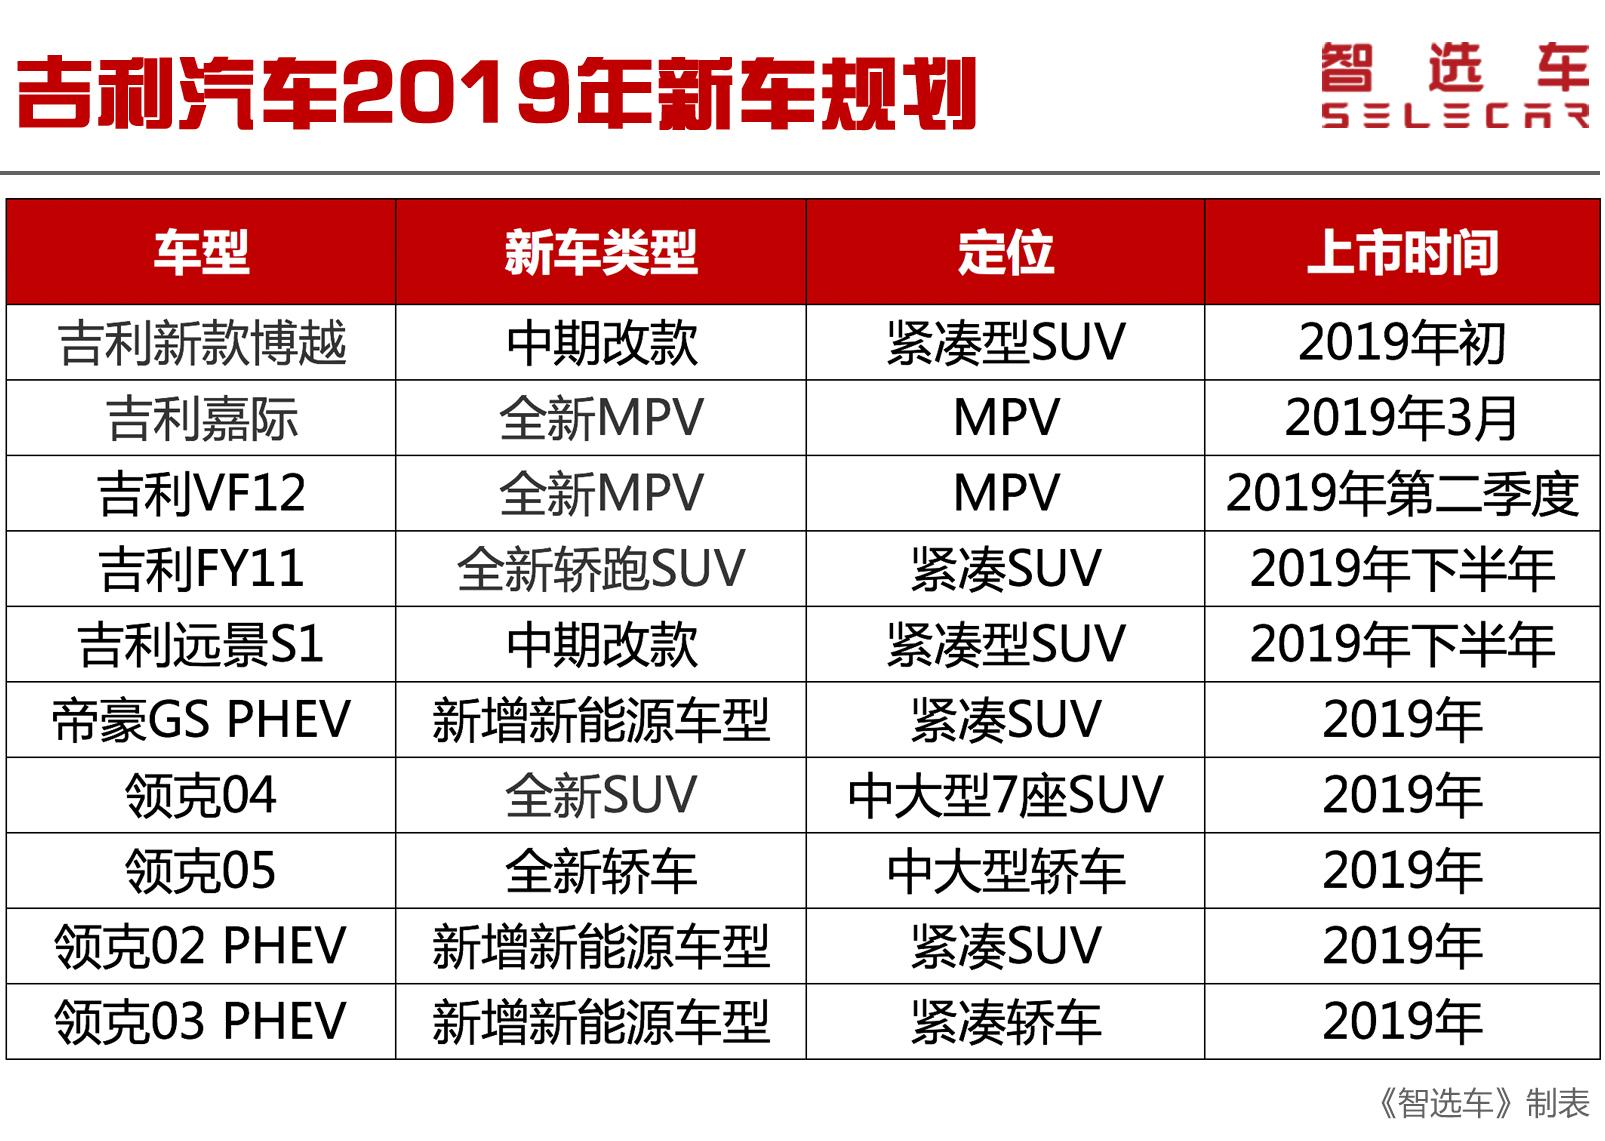 2019年自主品牌新车规划,吉利新车多达10款,领克04/05或将到来